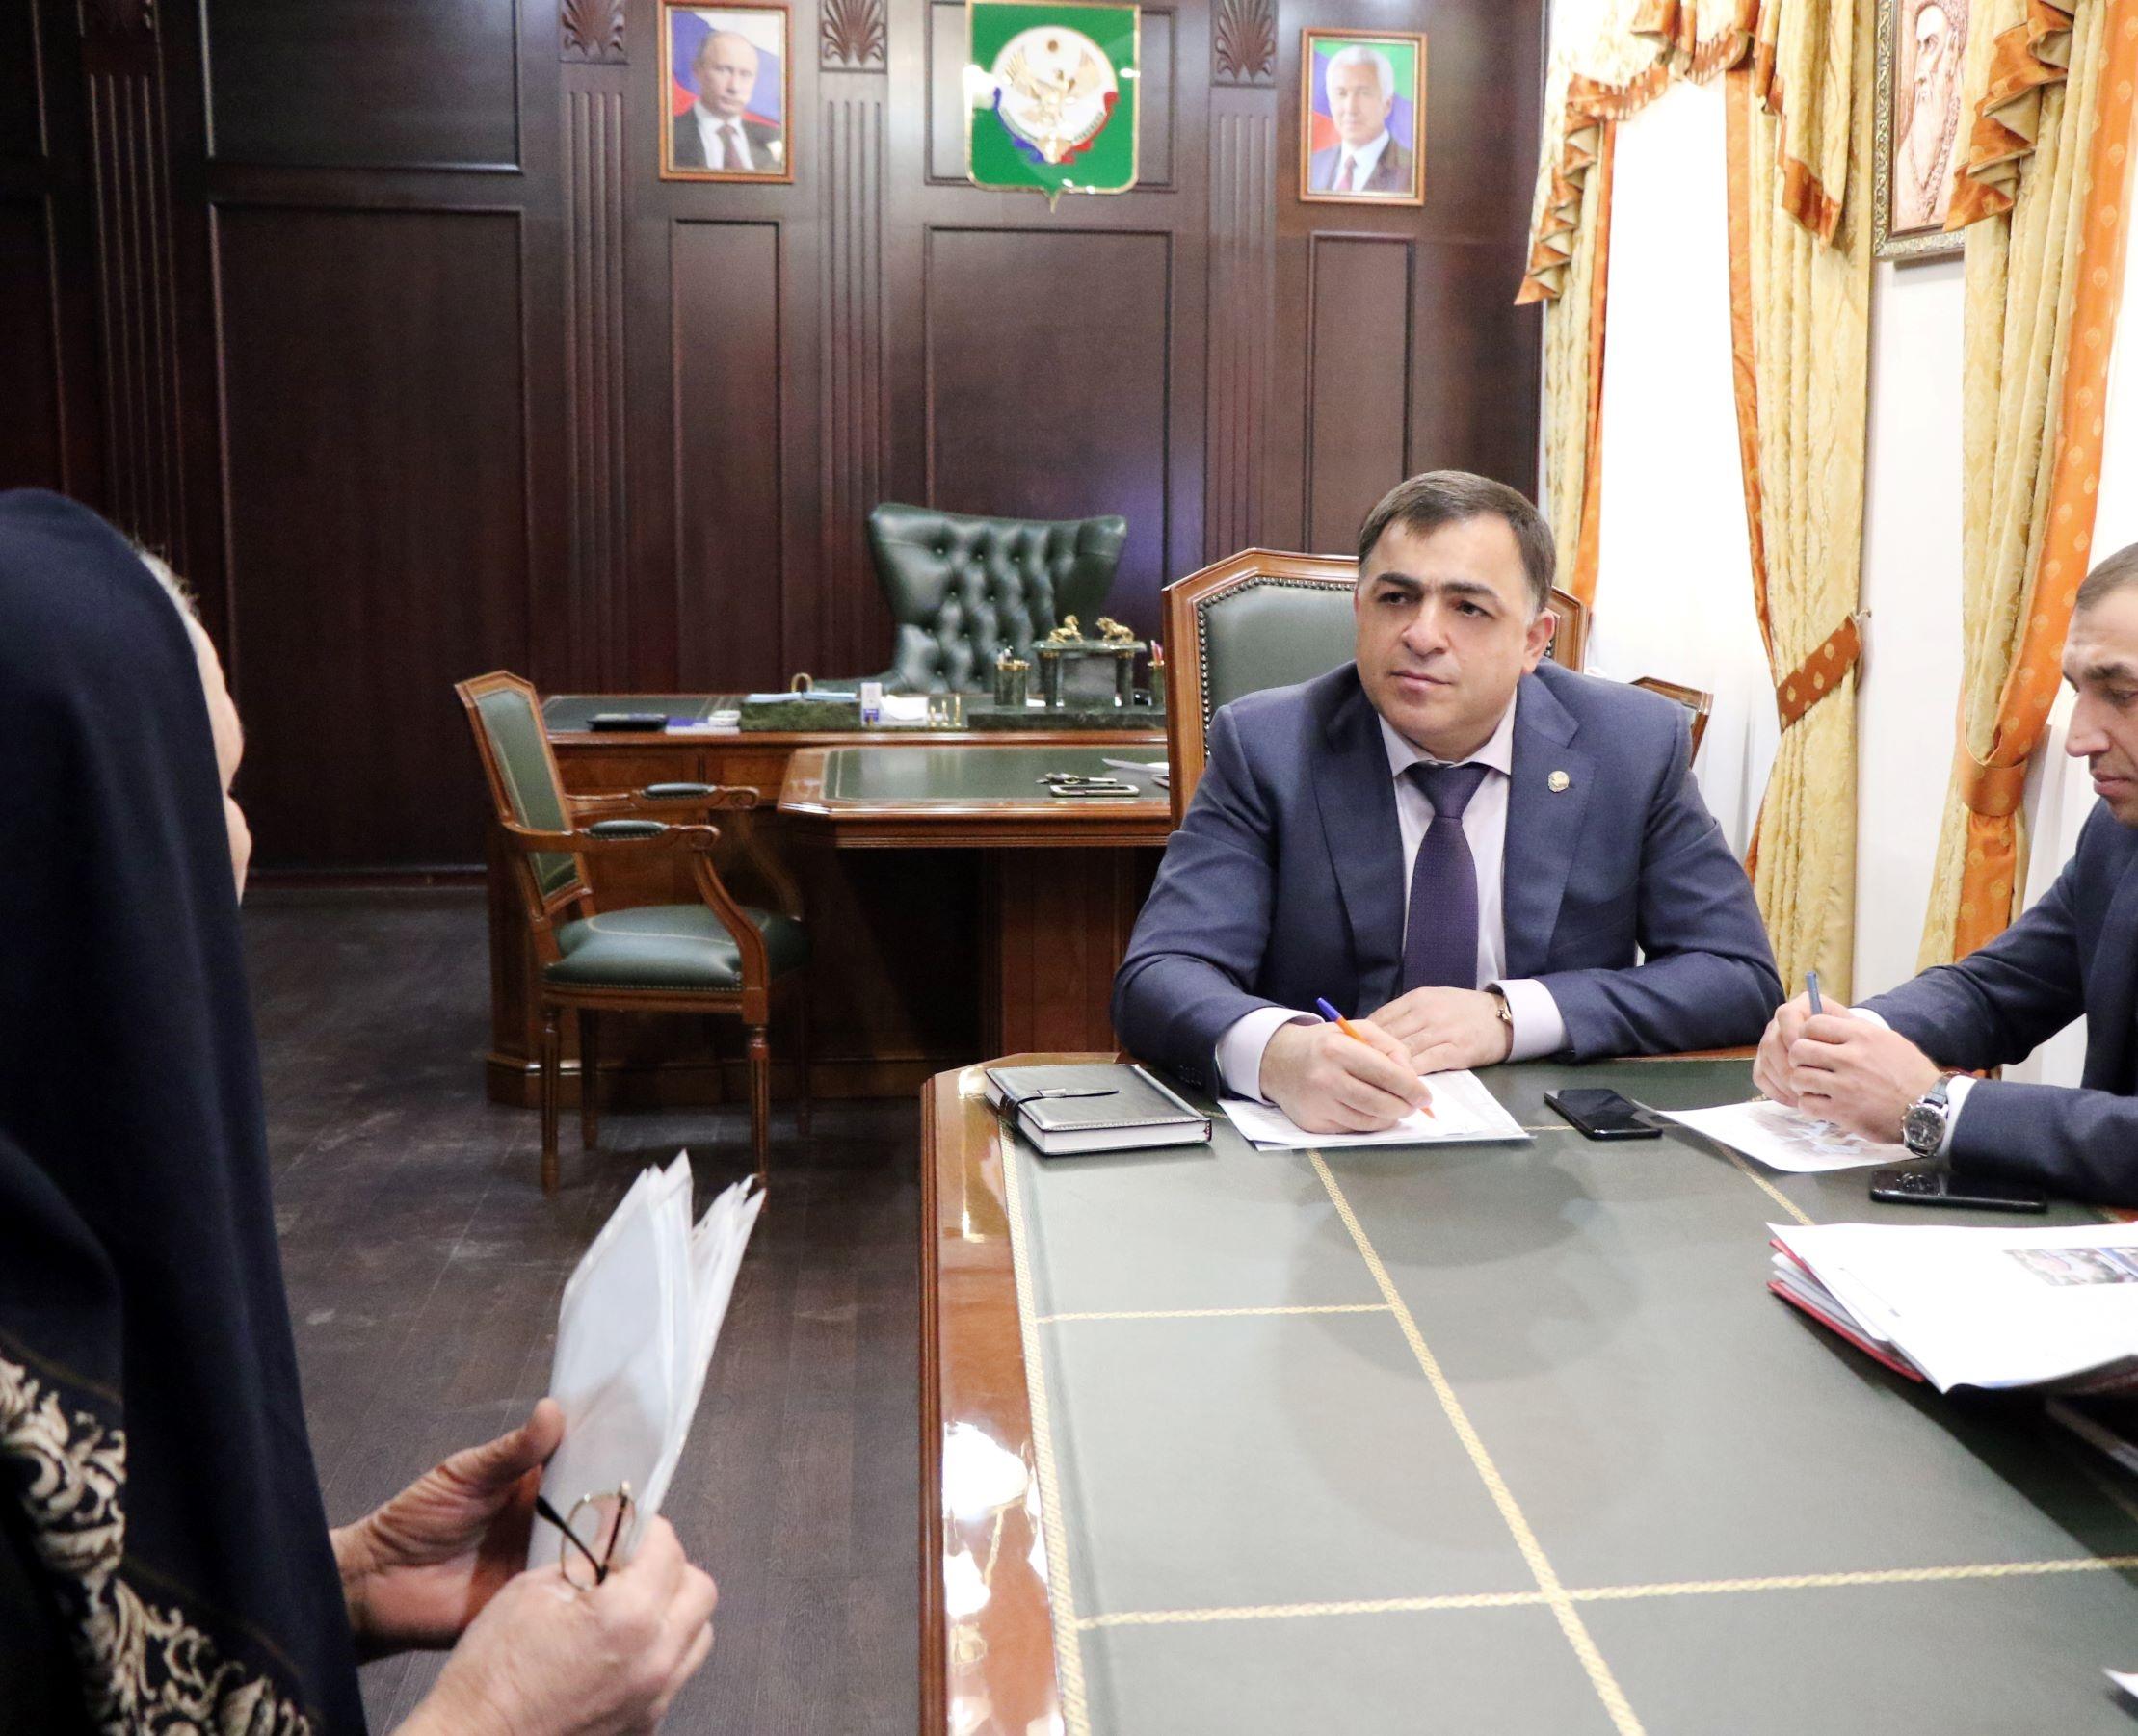 Фарид Ахмедов провел первый в новом году прием граждан по личным вопросам